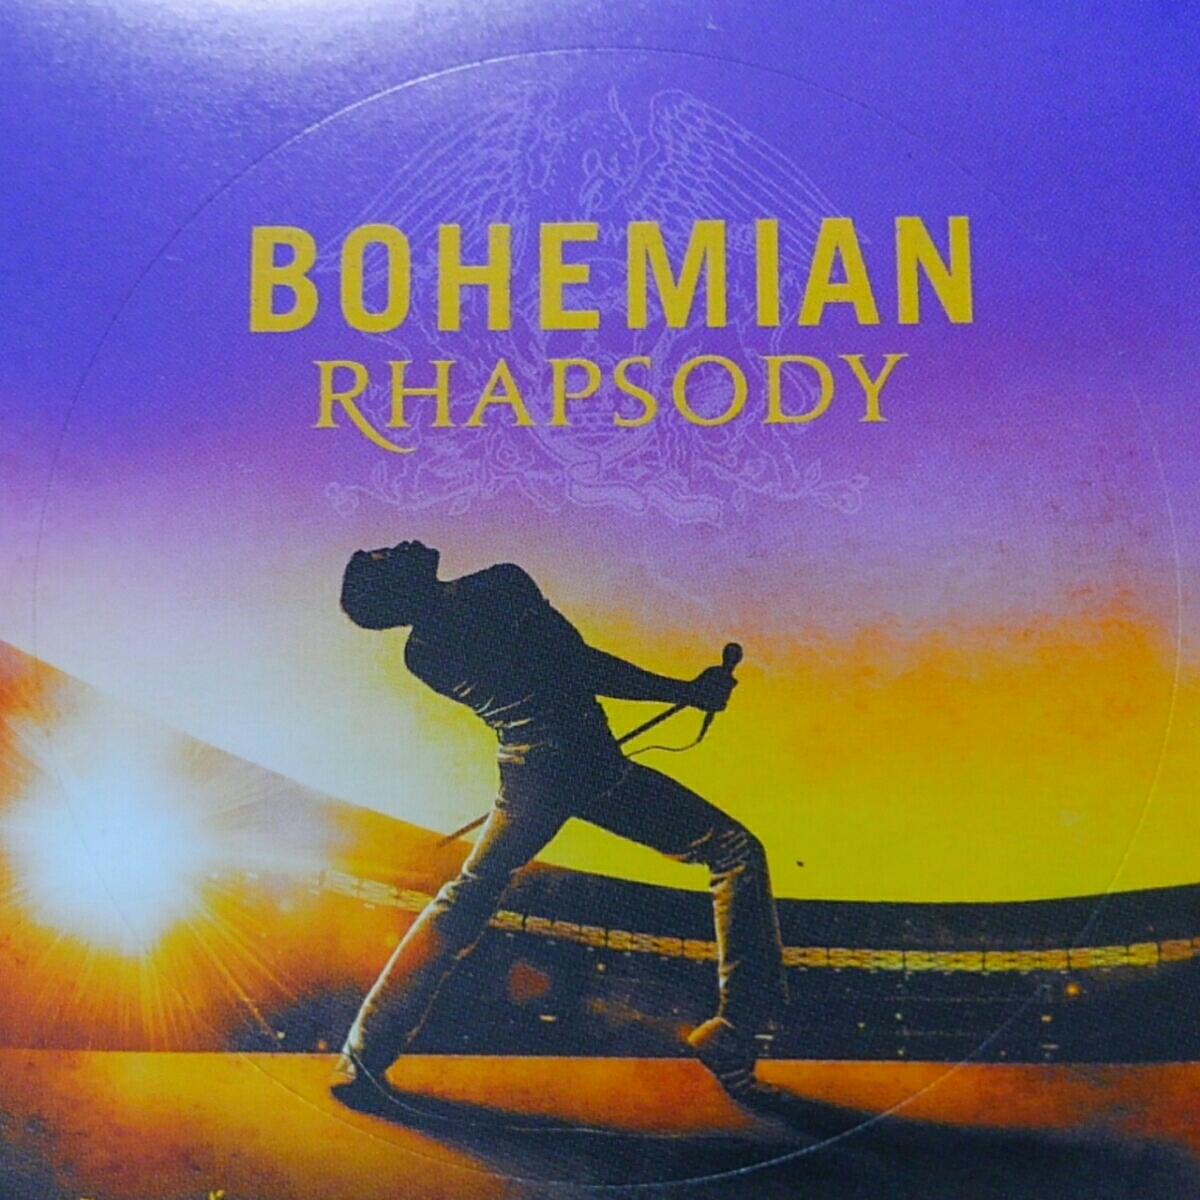 即決 映画 ボヘミアン ラプソディ シール 10枚セット 非売品 ステッカー ノベルティ グッズ クイーン QUEEN BOHEMIAN RHAPSODY 販促品 洋楽_直径6.5cmの円型(丸型)シールです。